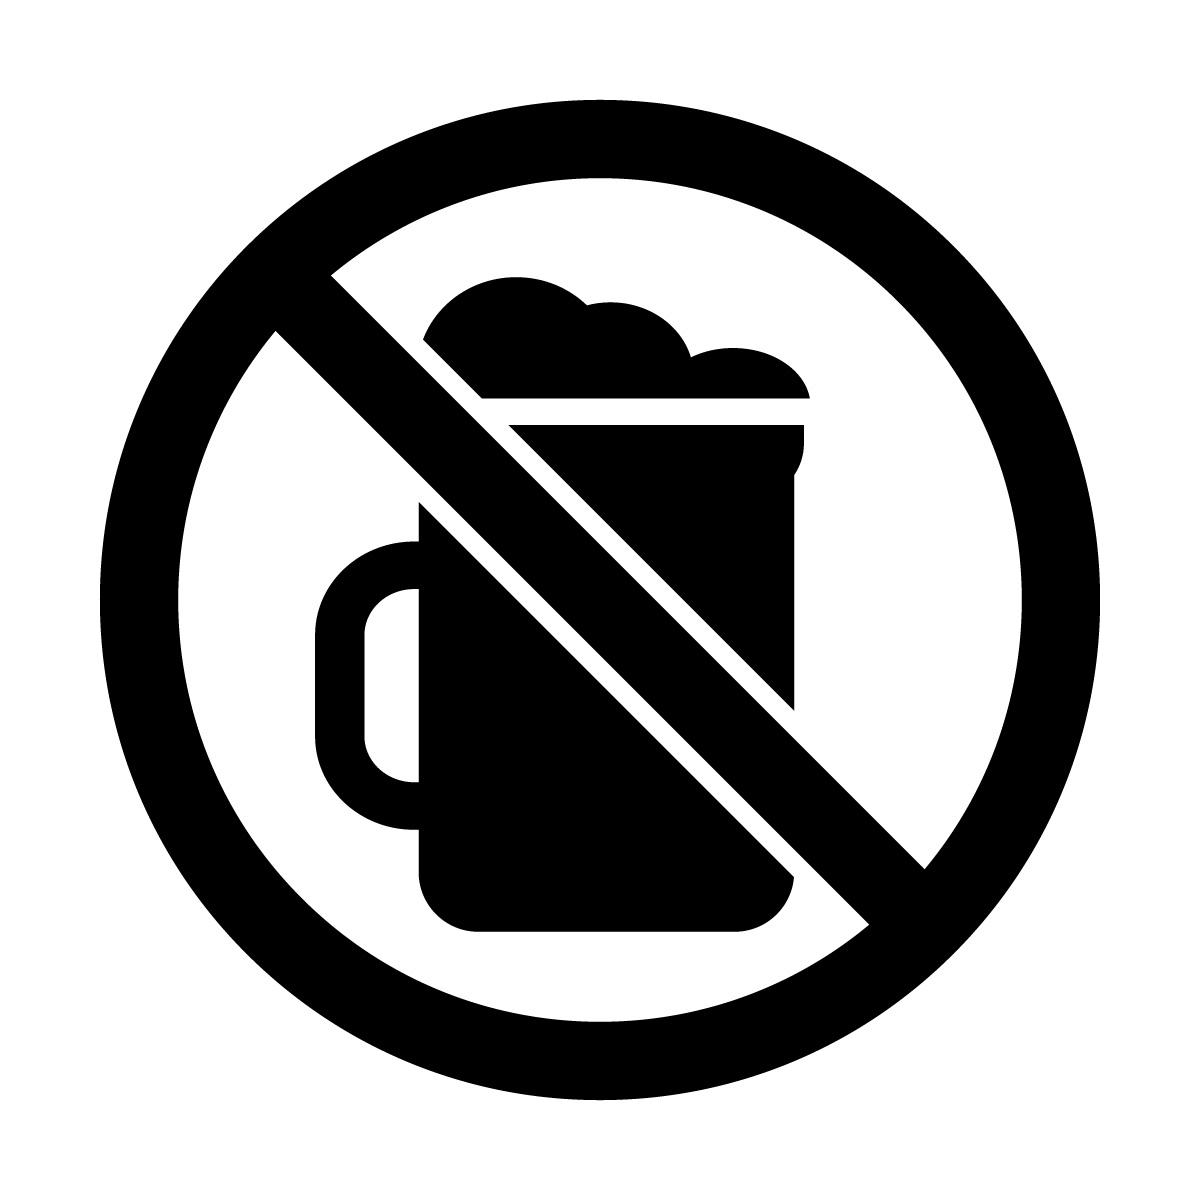 黒色のお酒・ビール禁止マークのカッティングシートステッカー